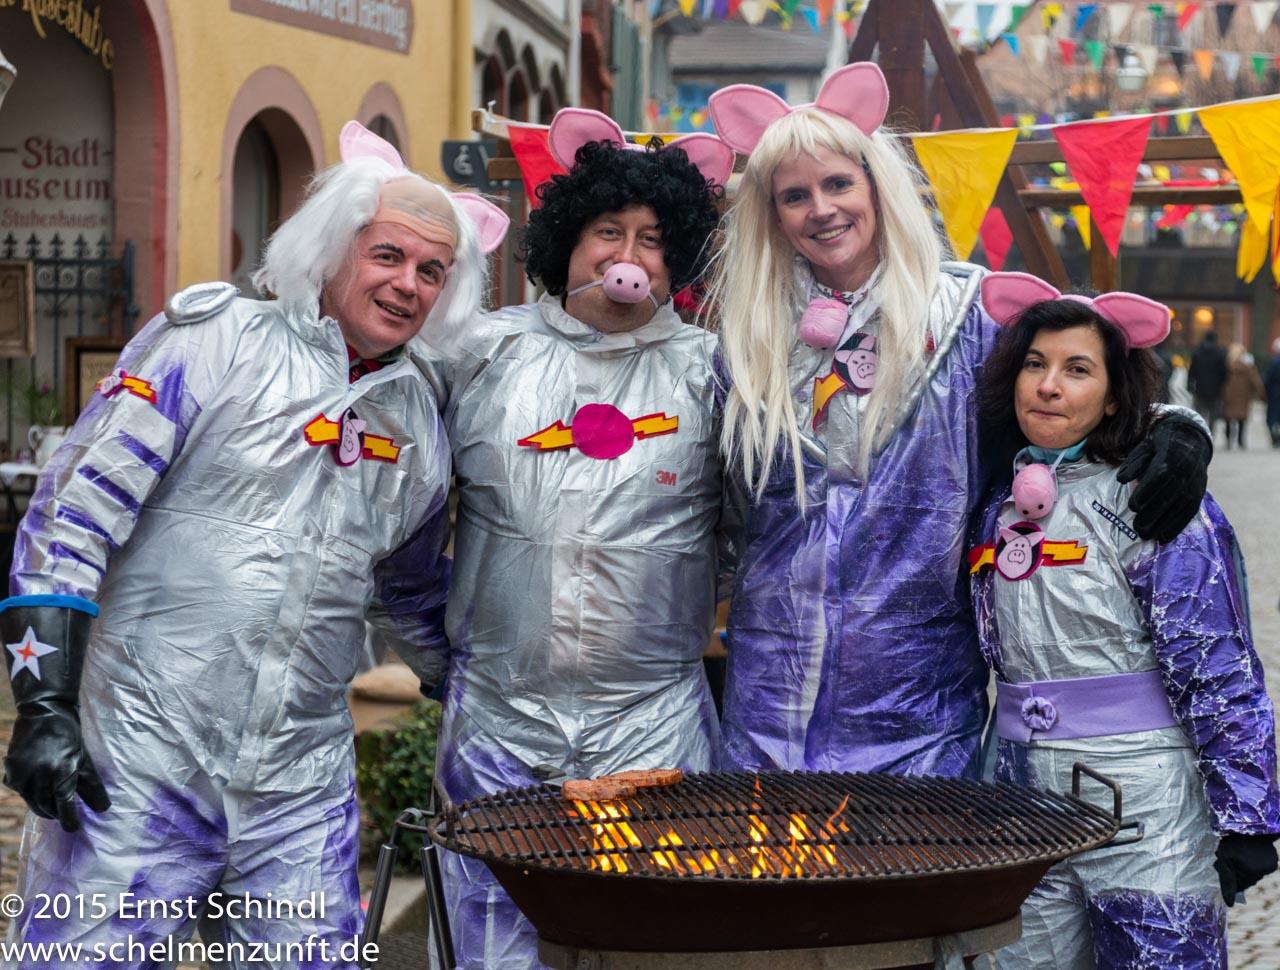 Fasnet-Staufen_2015_Schindl_Montagsmarkt-18.jpg